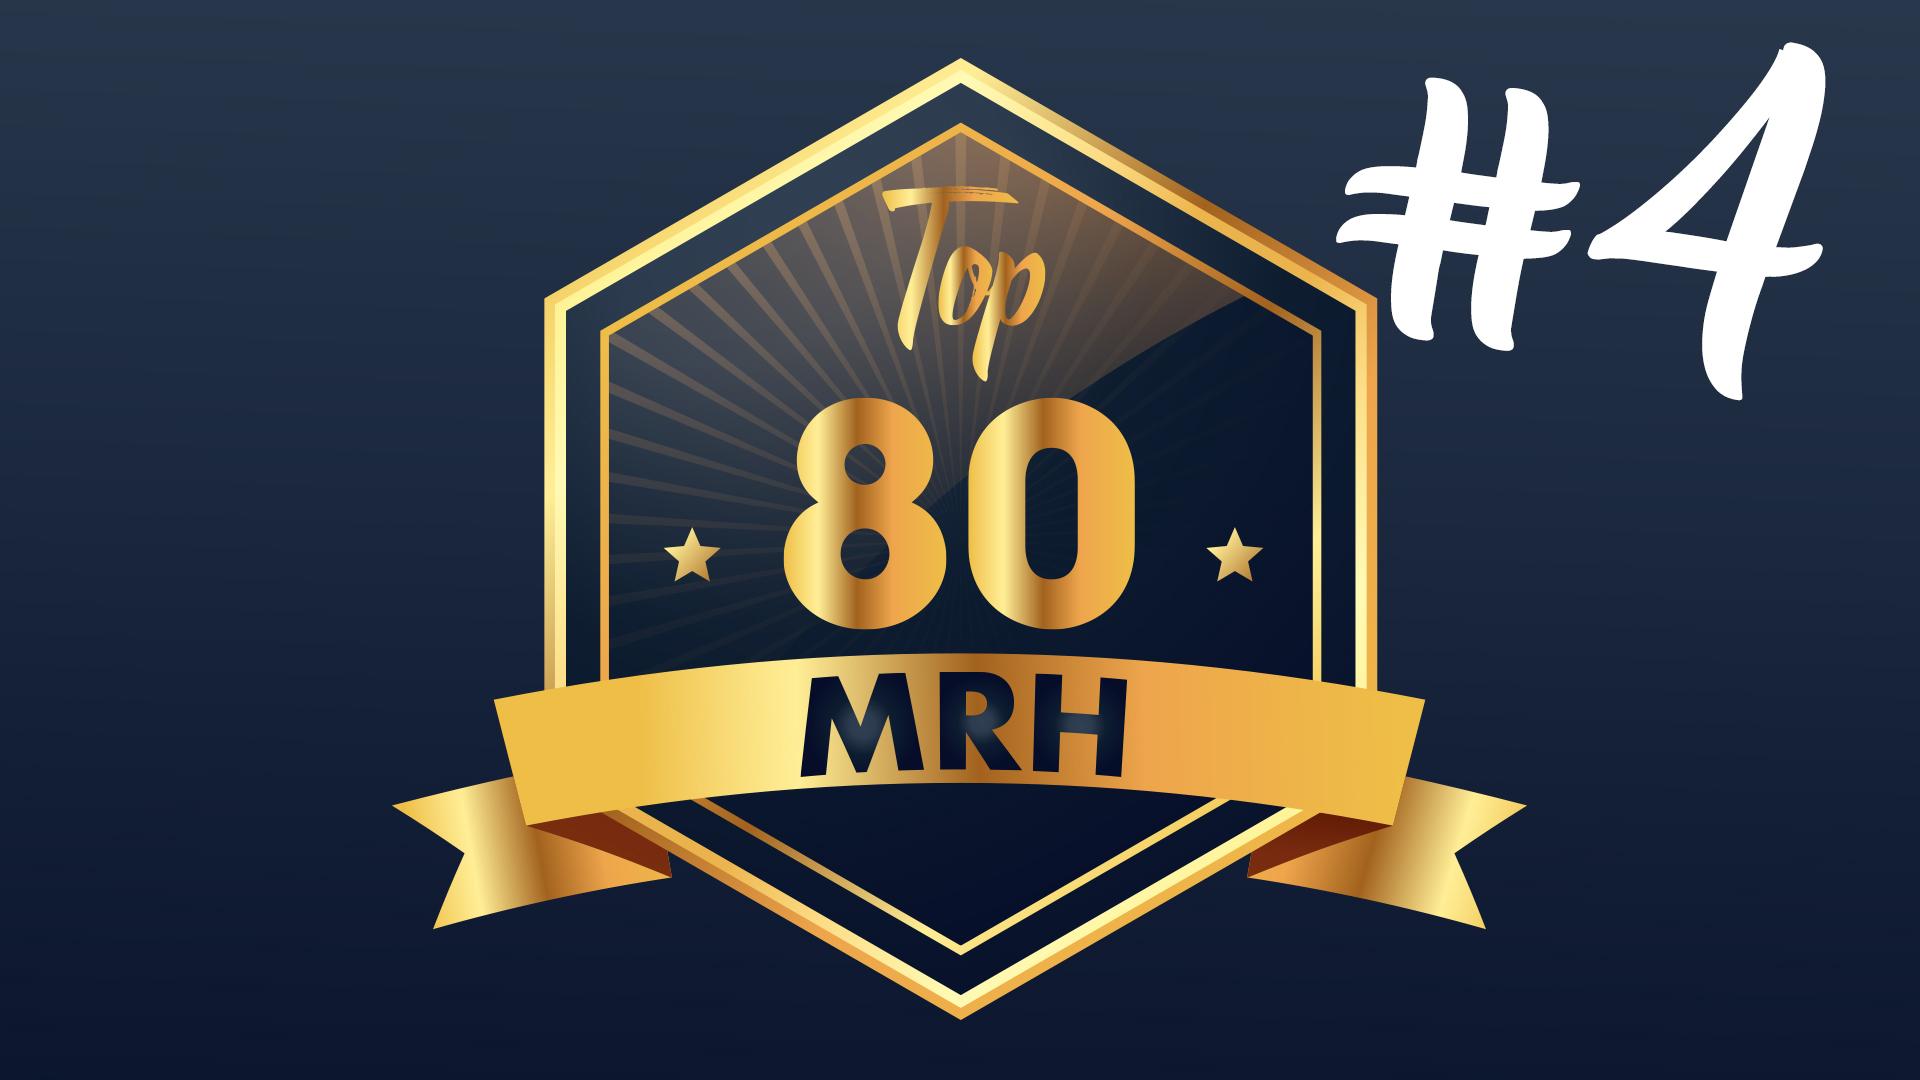 Top 80 MRH - Découvrez le quatrième top 80 MRH